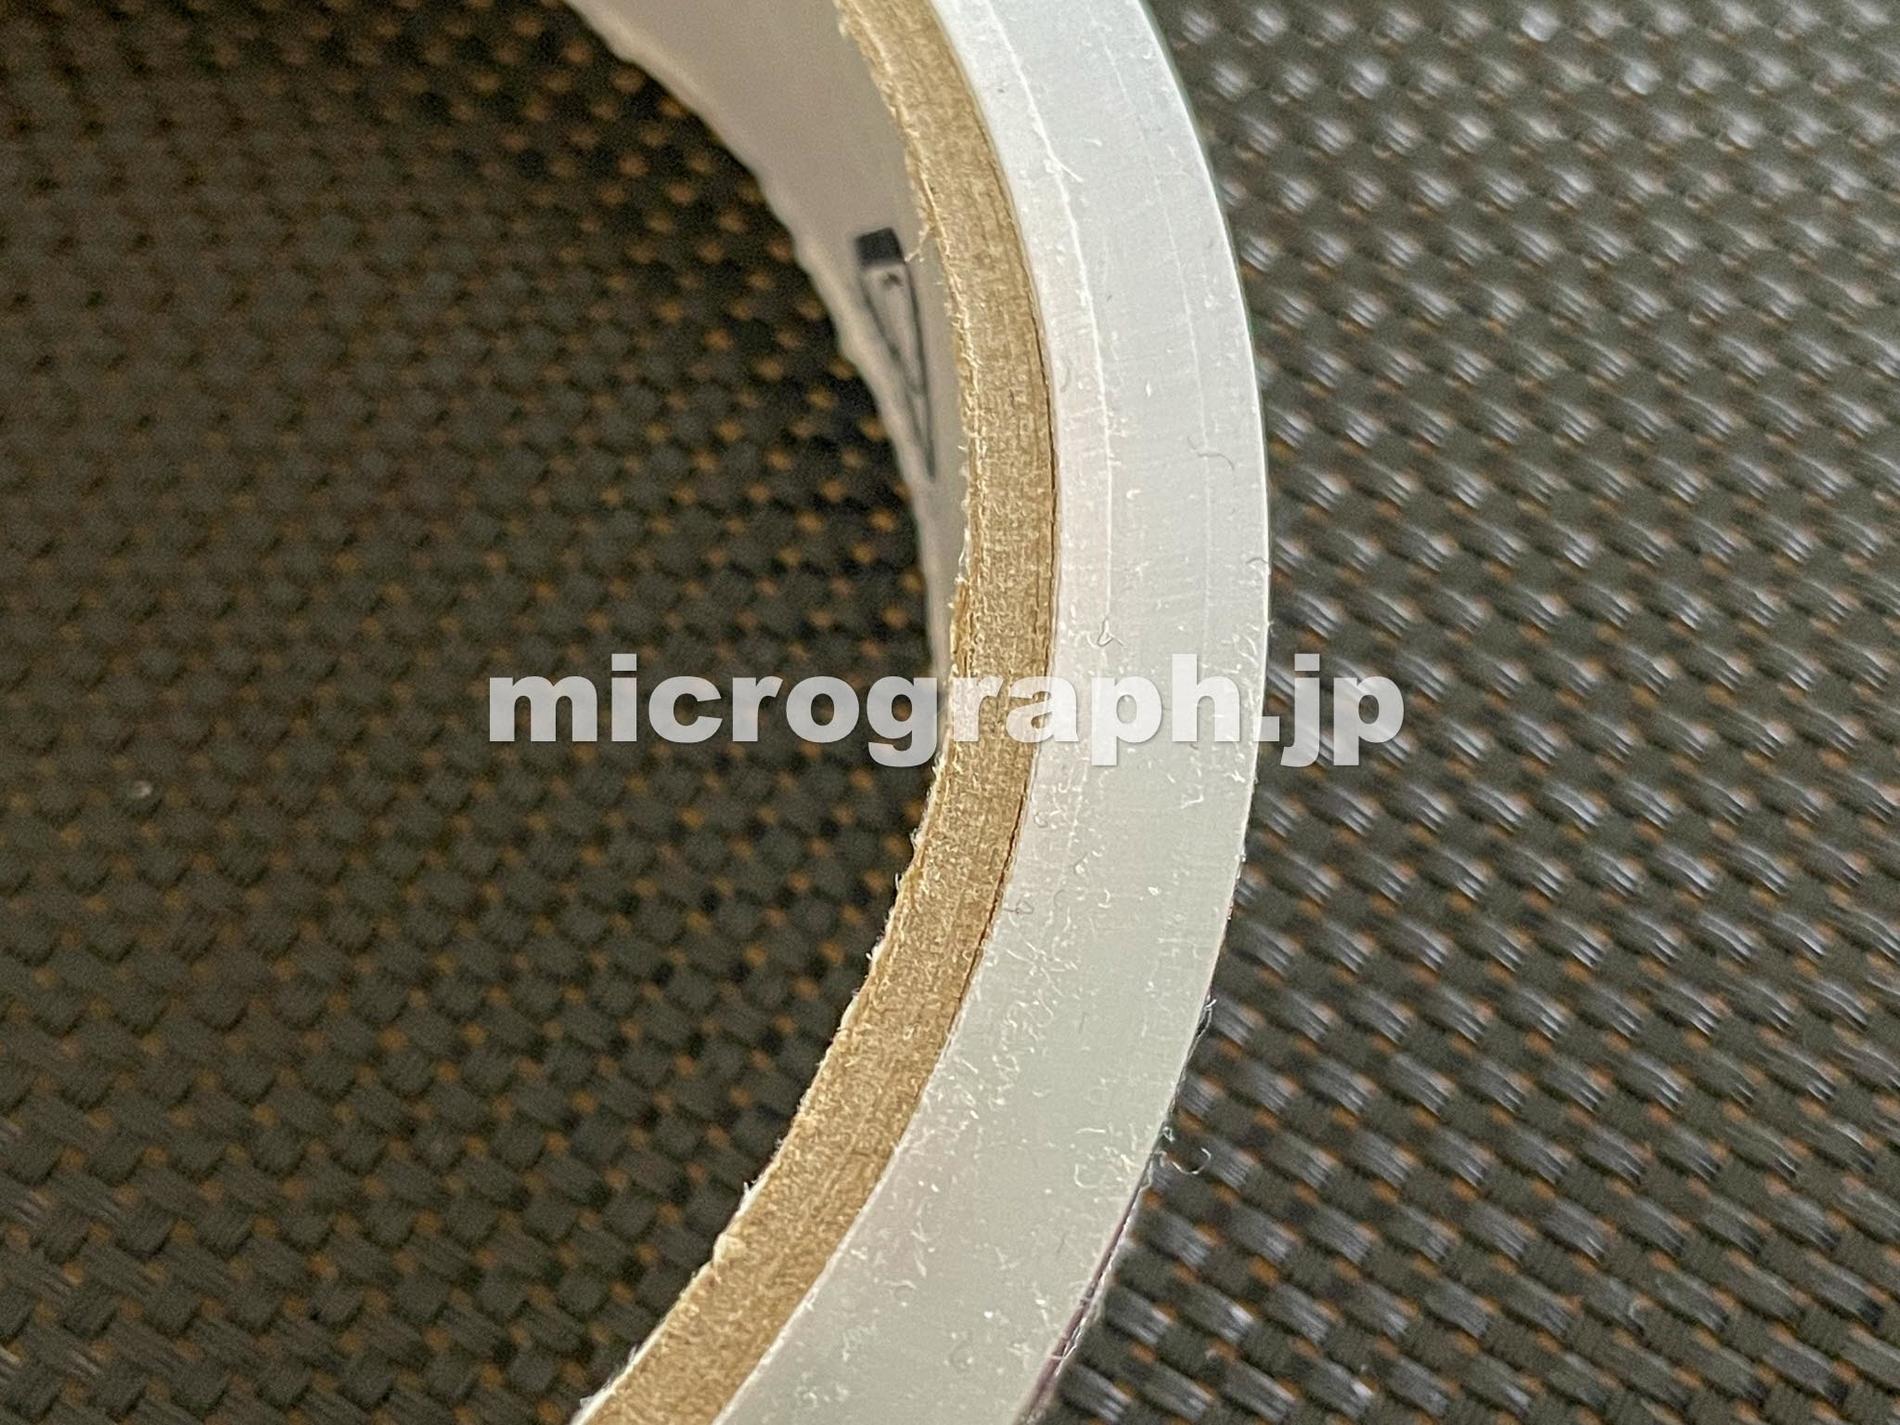 セロテープの写真(側面)